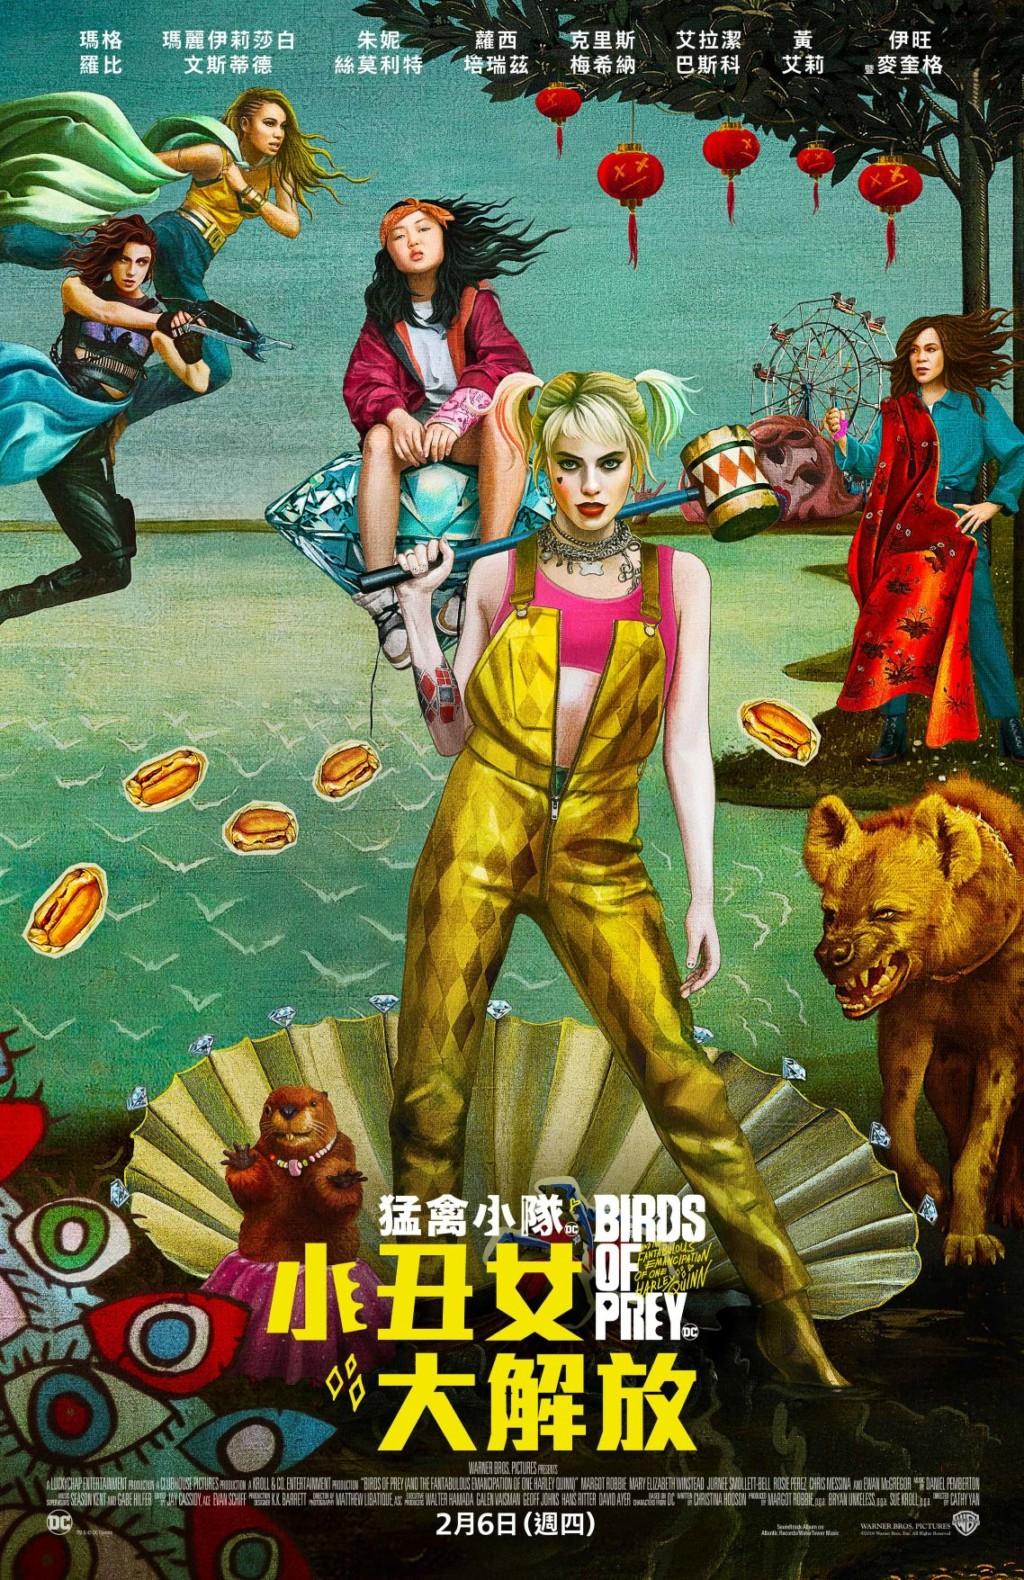 微雷影評/小丑女哈莉《猛禽小隊》回來了 伊旺麥奎格演「變態反派」人臉癖超噁!